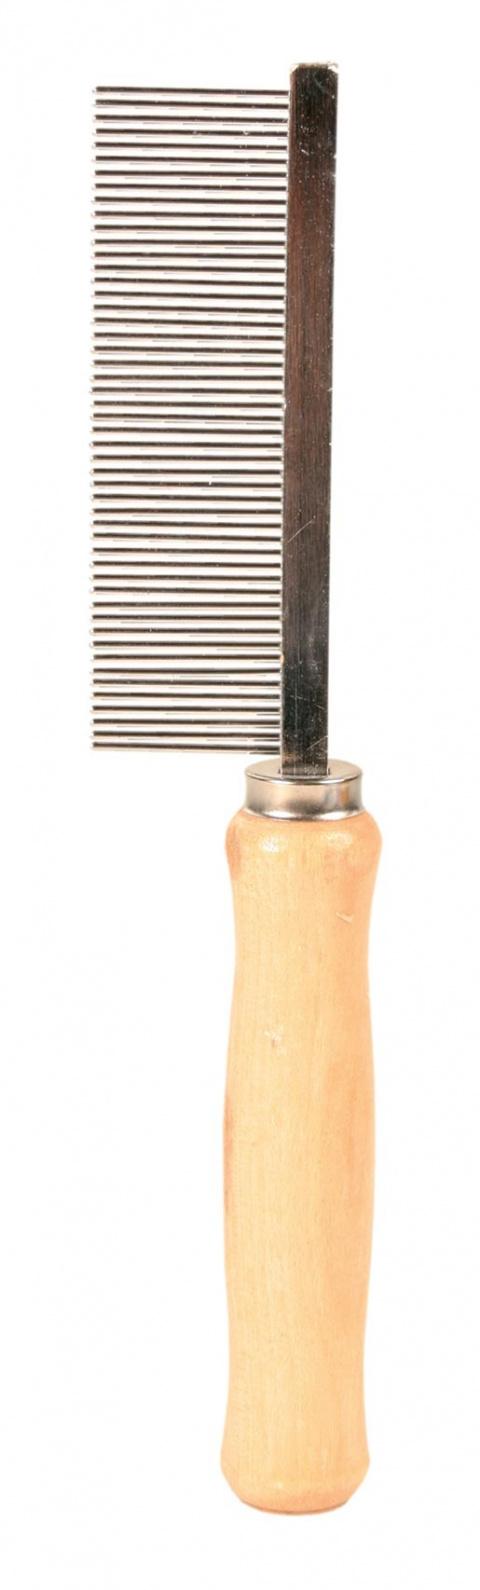 Расческа-фурминатор для собак, деревянная - Comb, 17cm title=